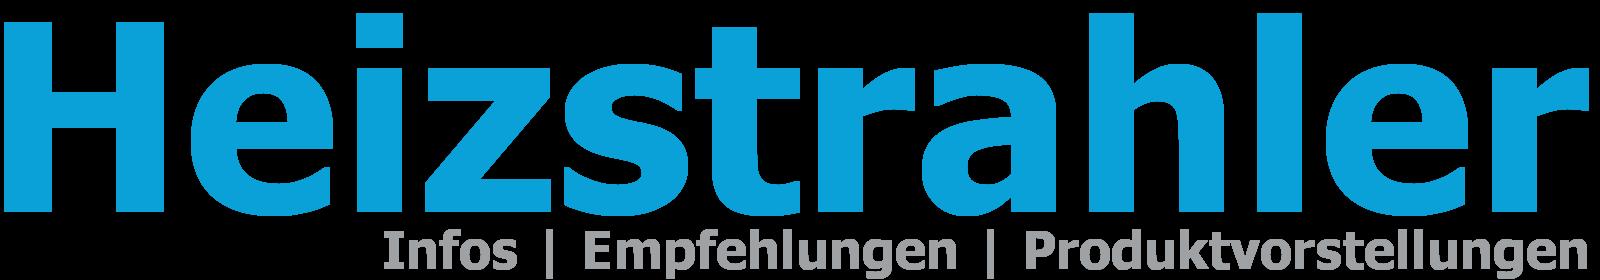 Heizstrahler für Babys Logo